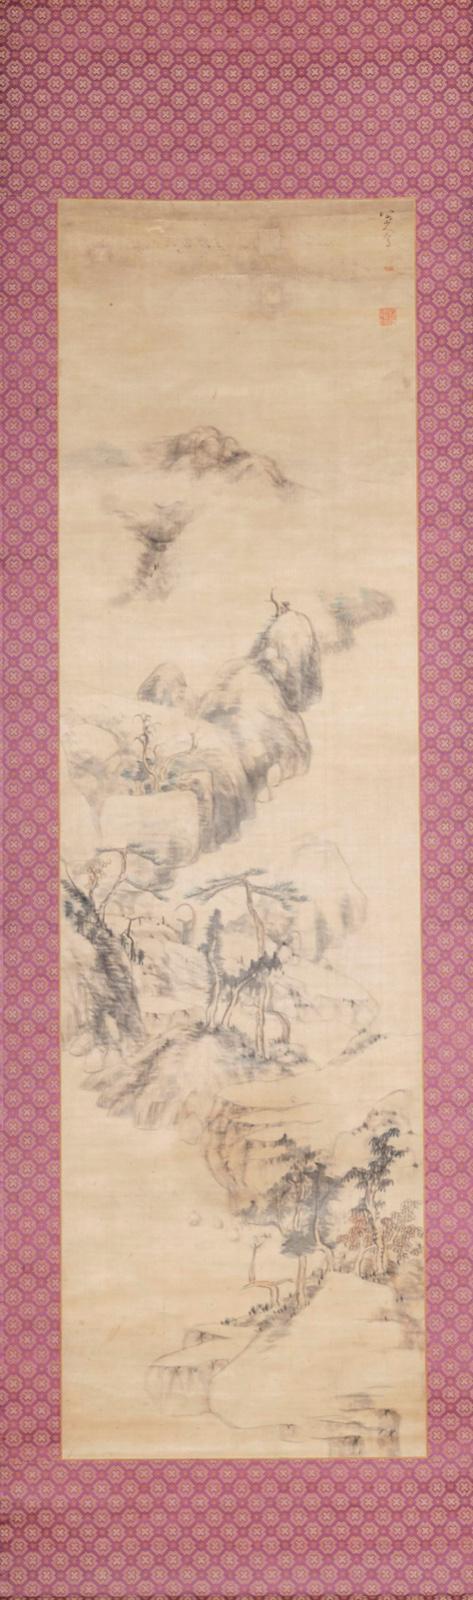 教你如何鉴赏中国书画